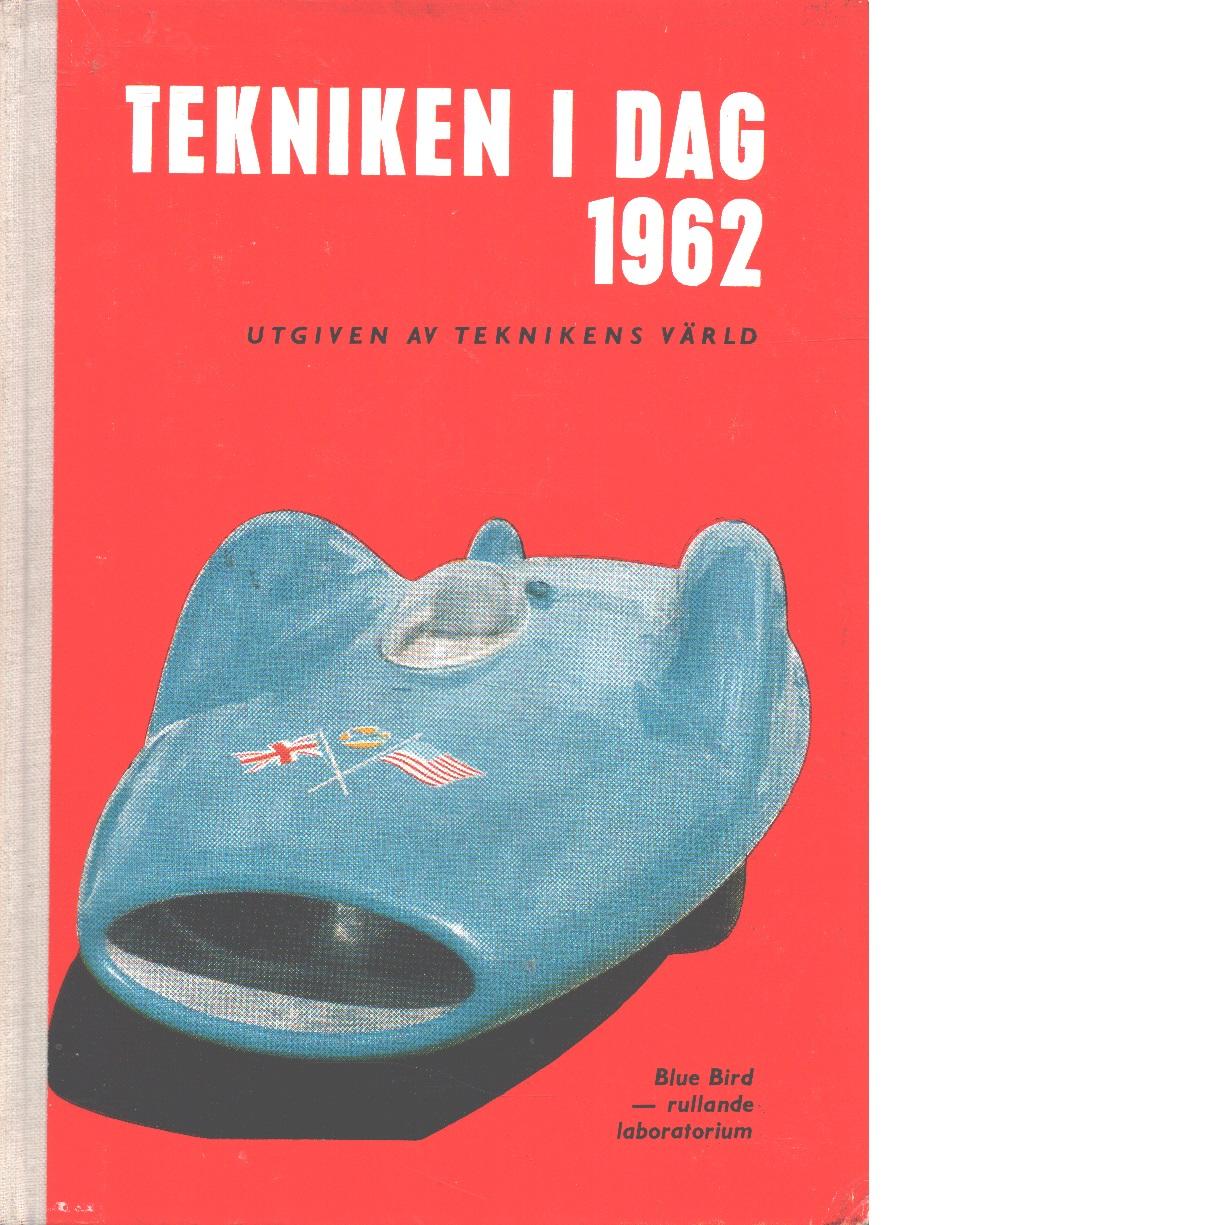 Tekniken i dag 1962 - Red.